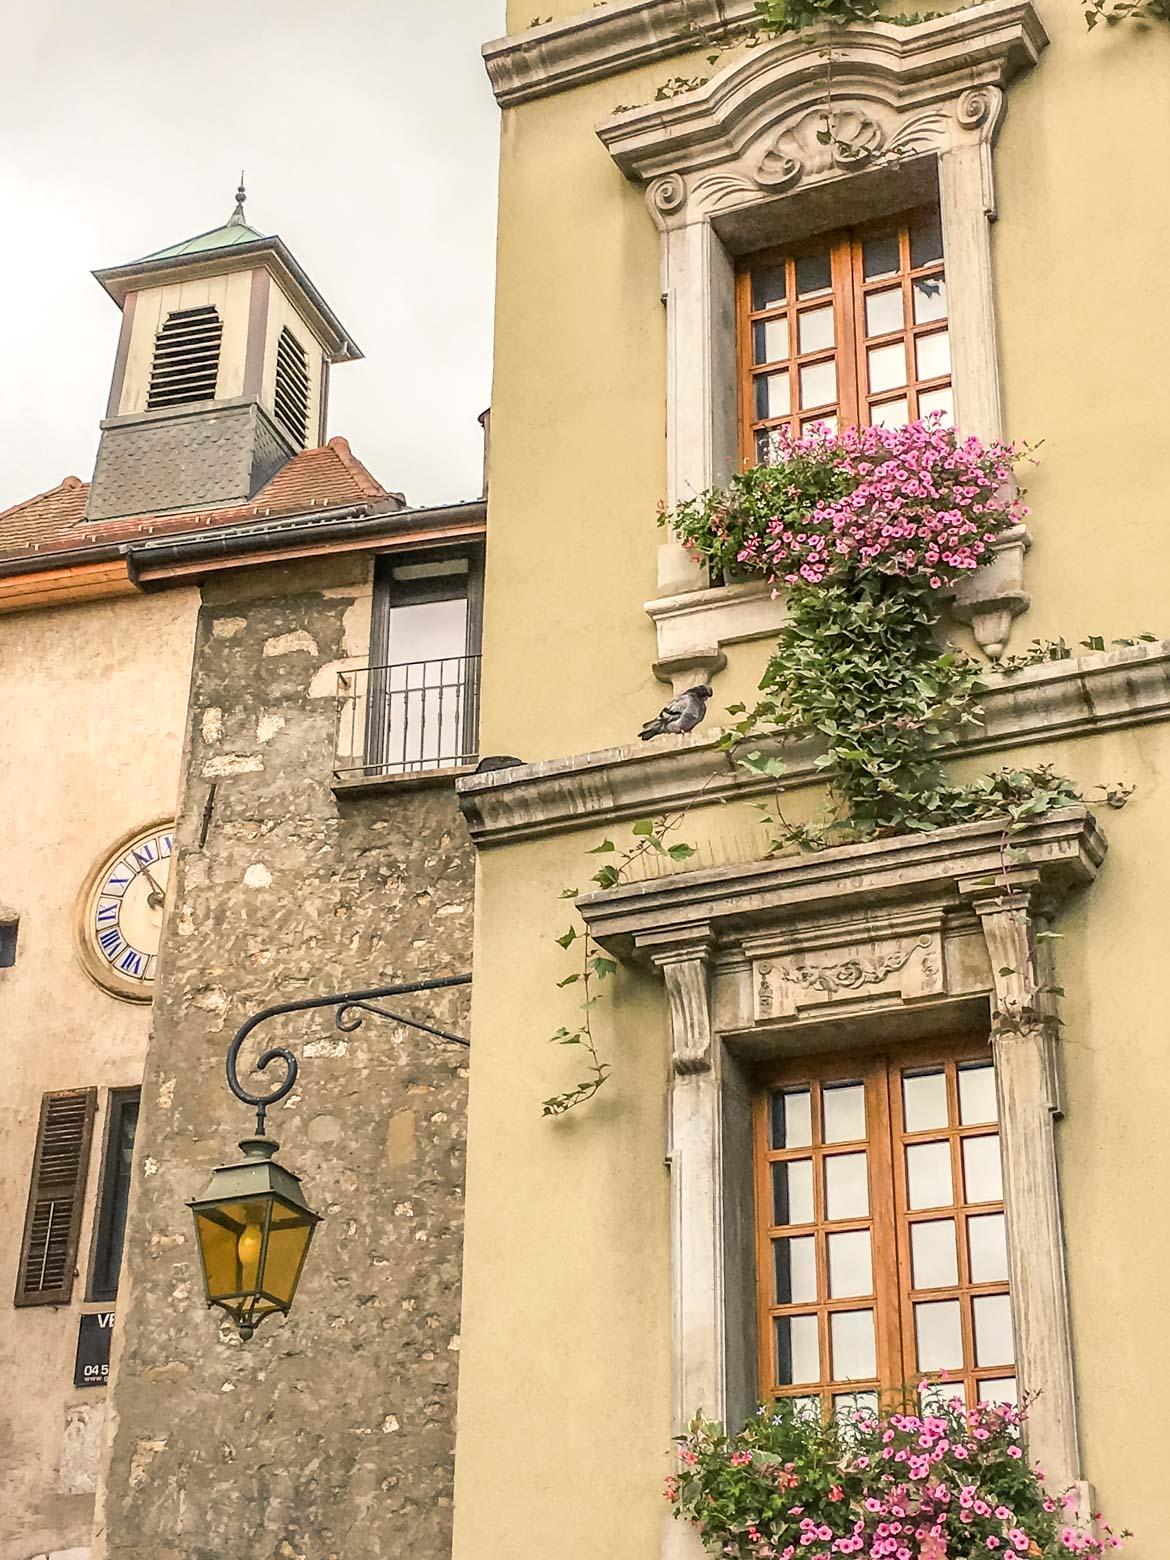 Annecy dettaglio casa - In Viaggio Con Monica